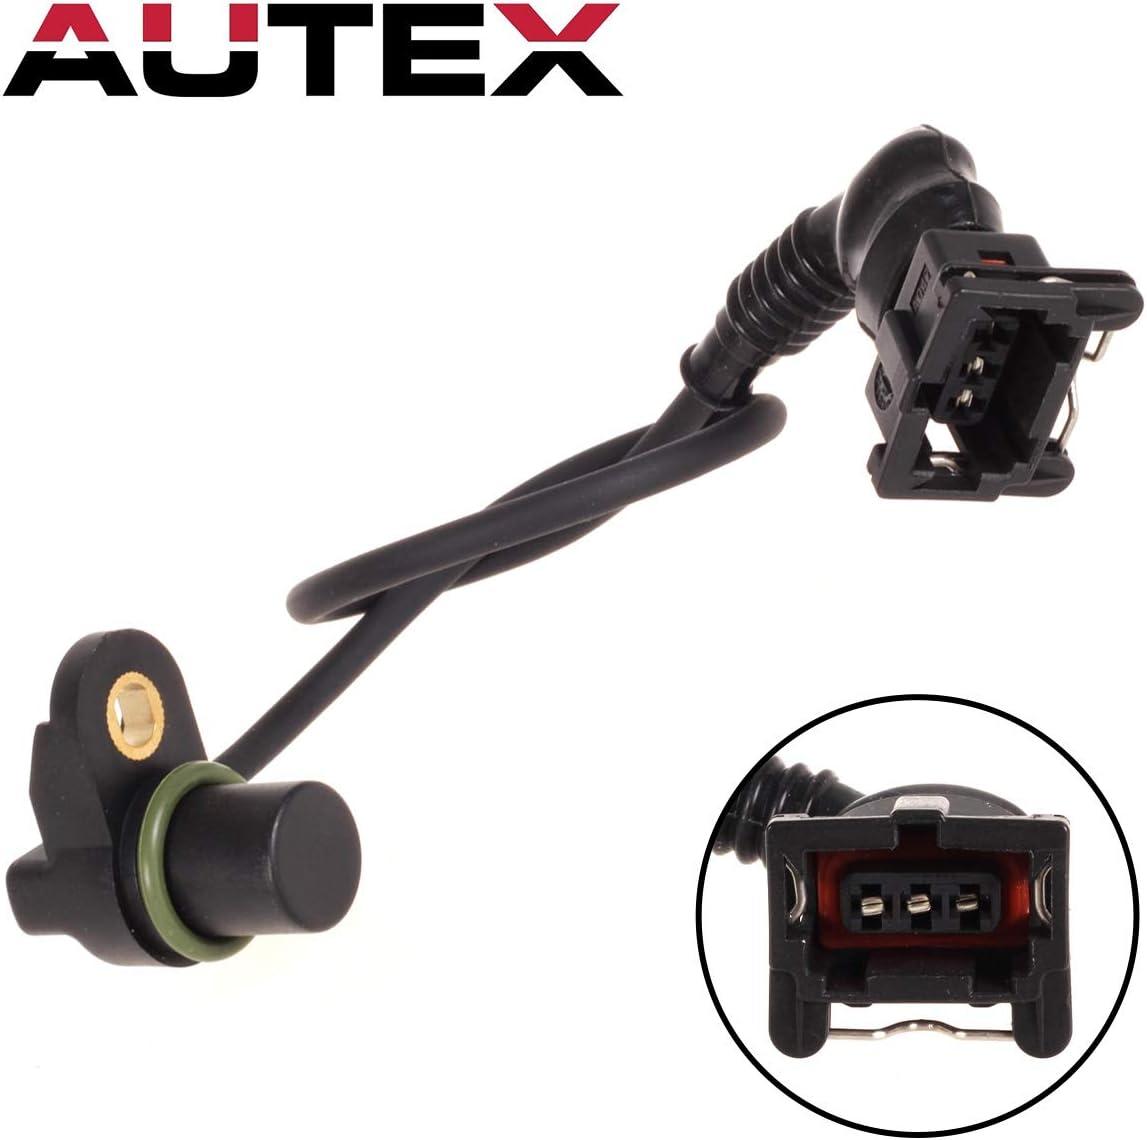 AUTEX Camshaft Position Sensor PC299 S Time sale S10203 Max 62% OFF 5S1228 12141742185